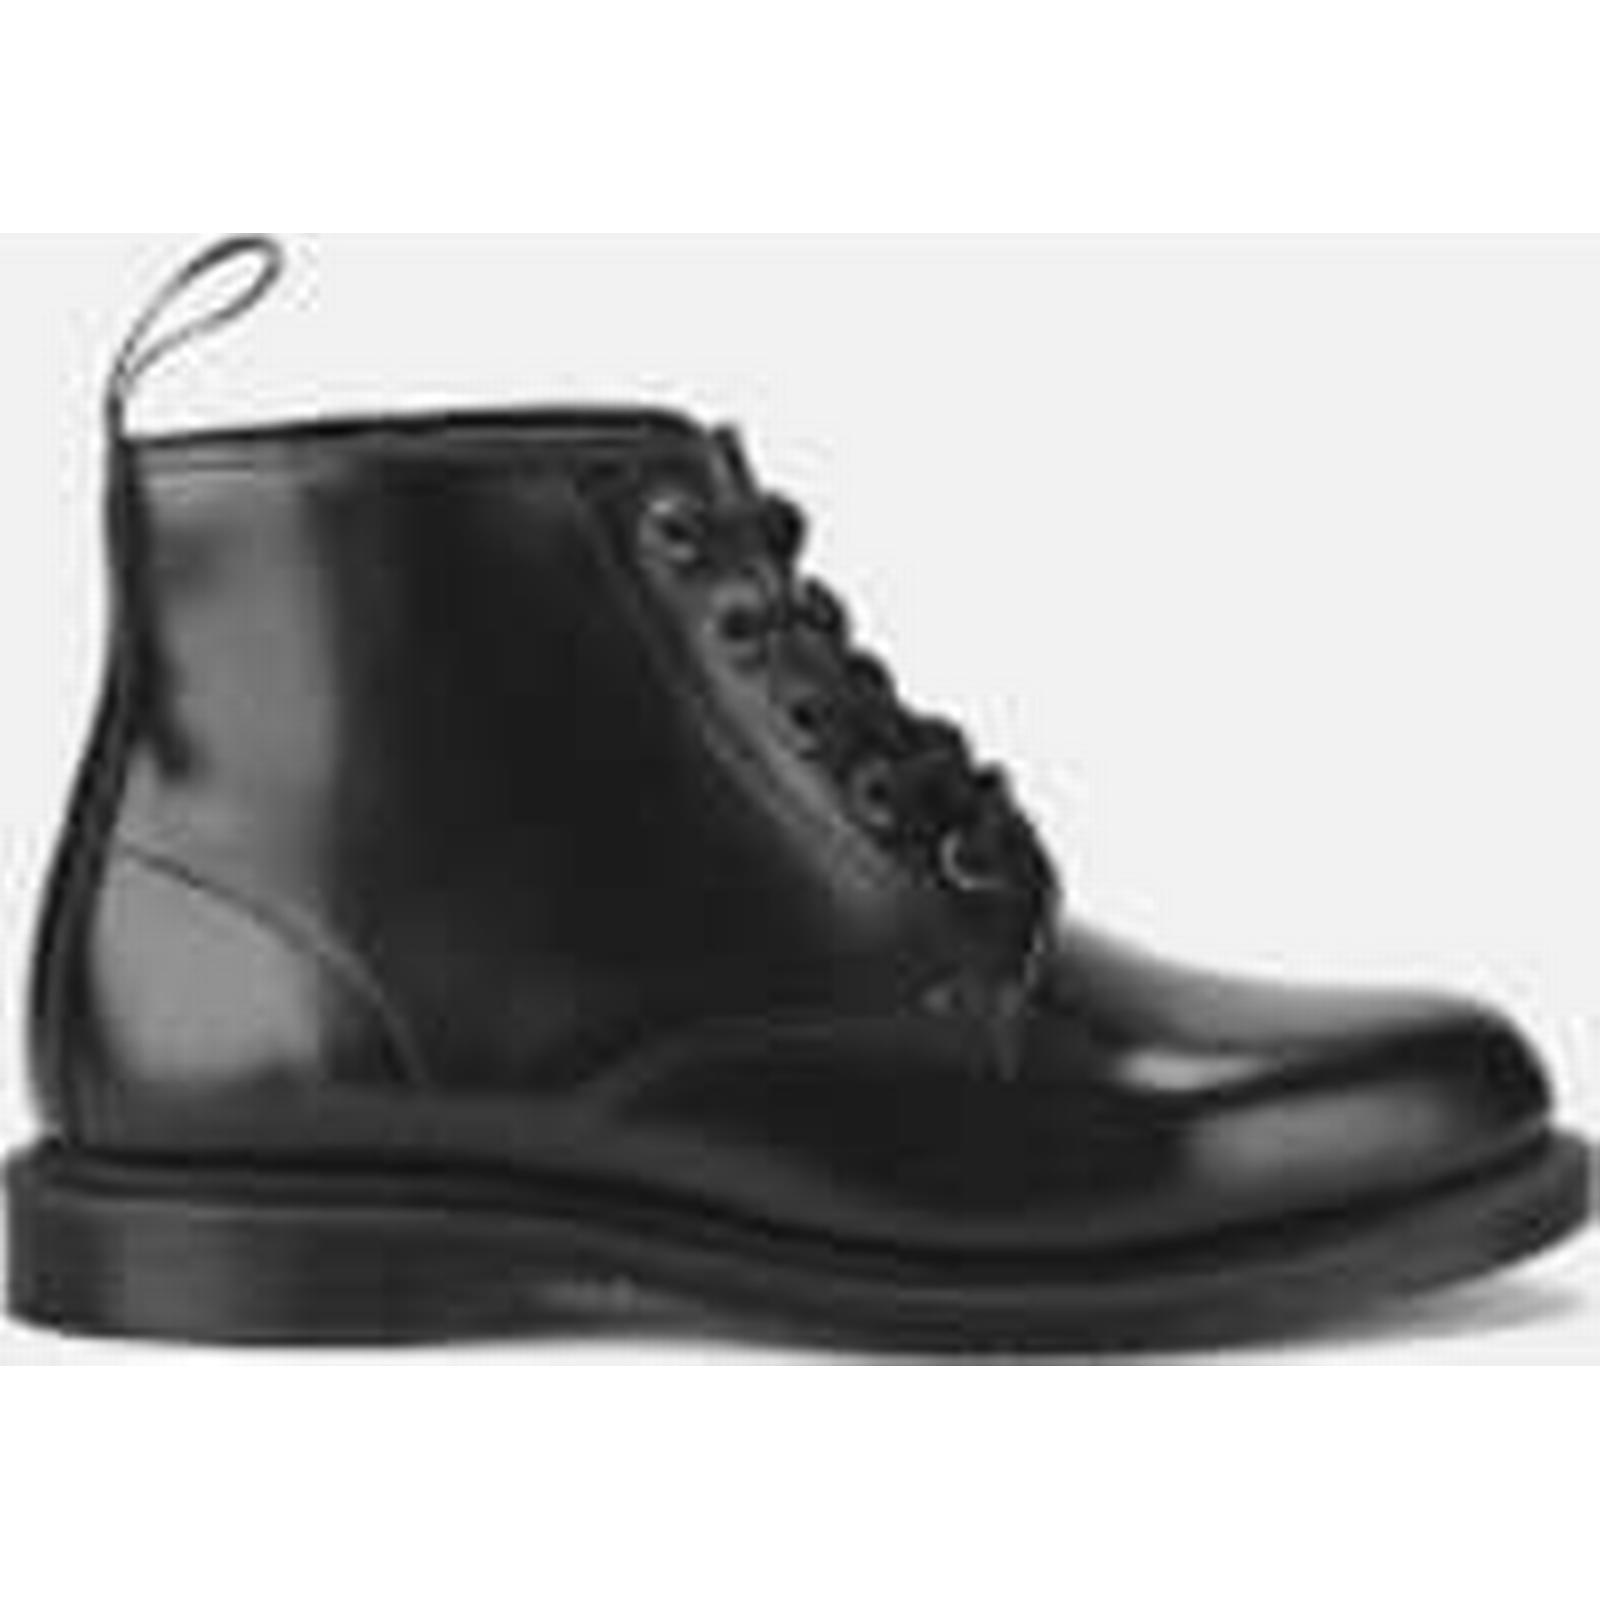 Dr. Martens Women's Emmeline Polished Smooth Black Leather 5-Eye Boots - Black Smooth - UK 7 - Black 8e5db7